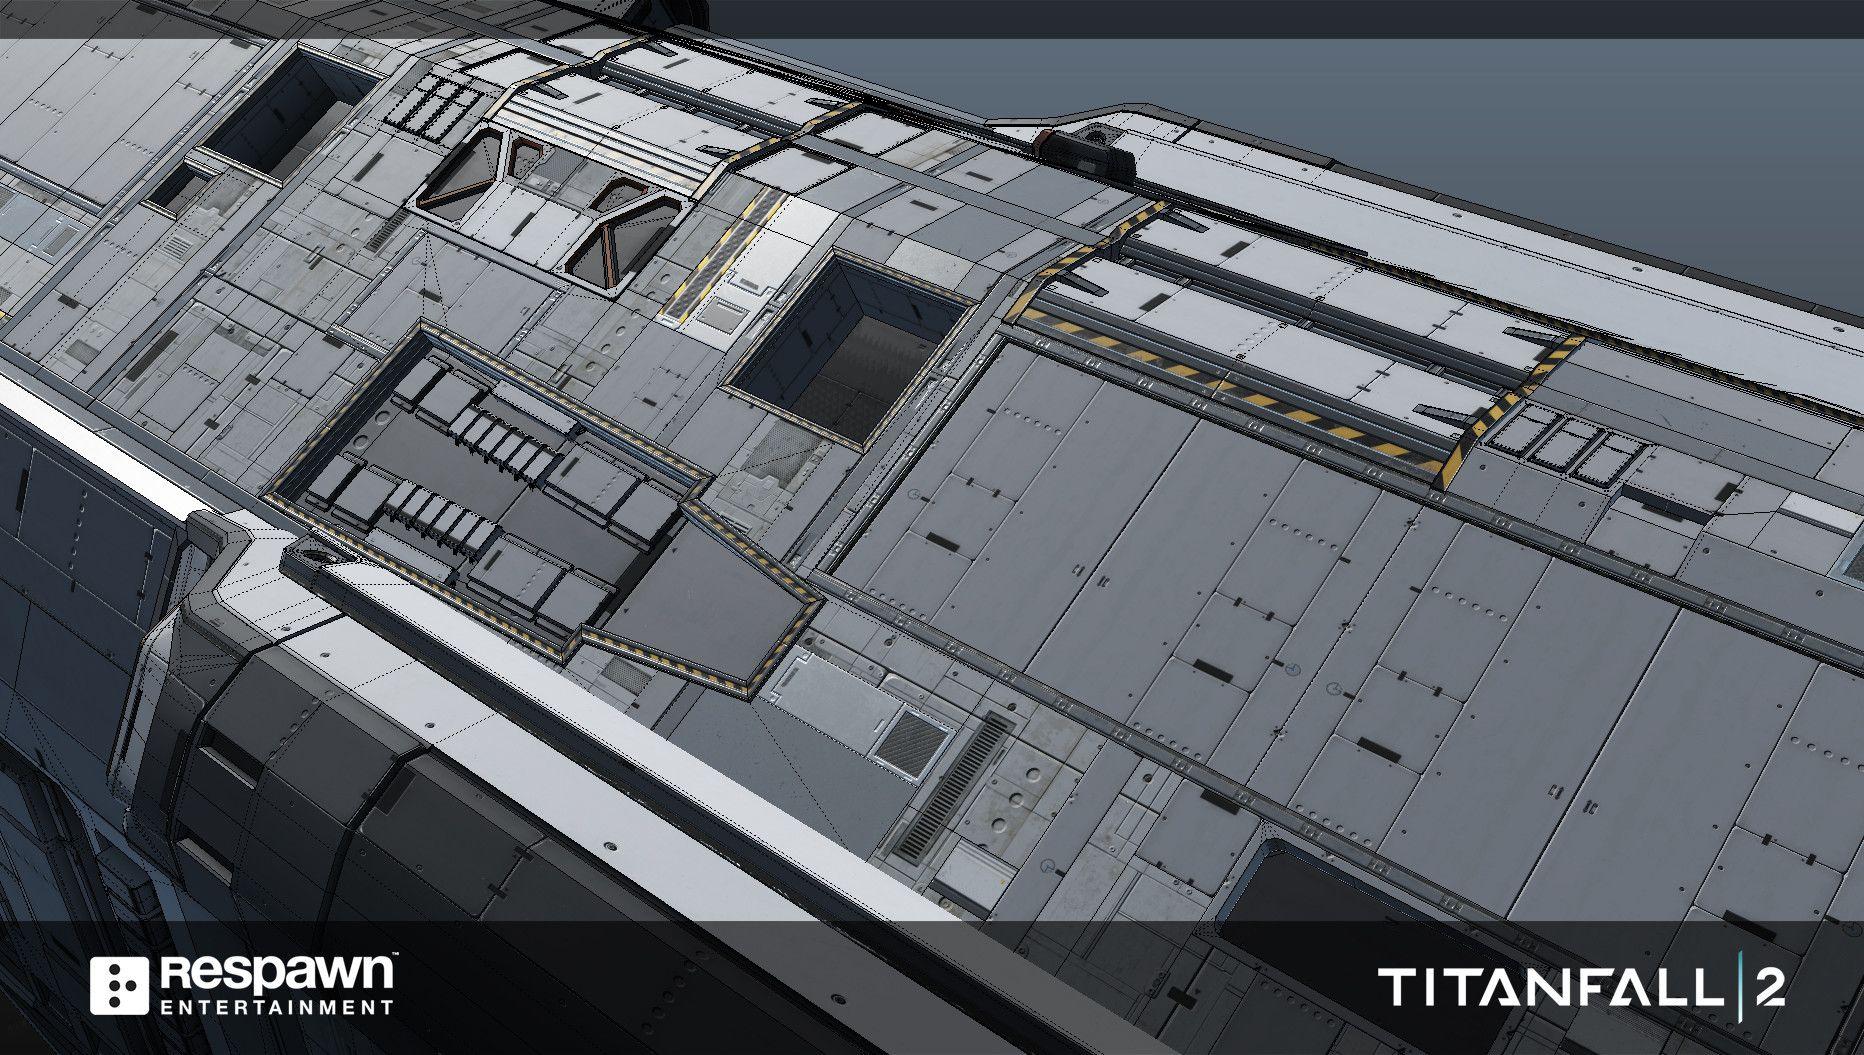 ArtStation - TITANFALL 2 SHIP to SHIP, Lewis Walden